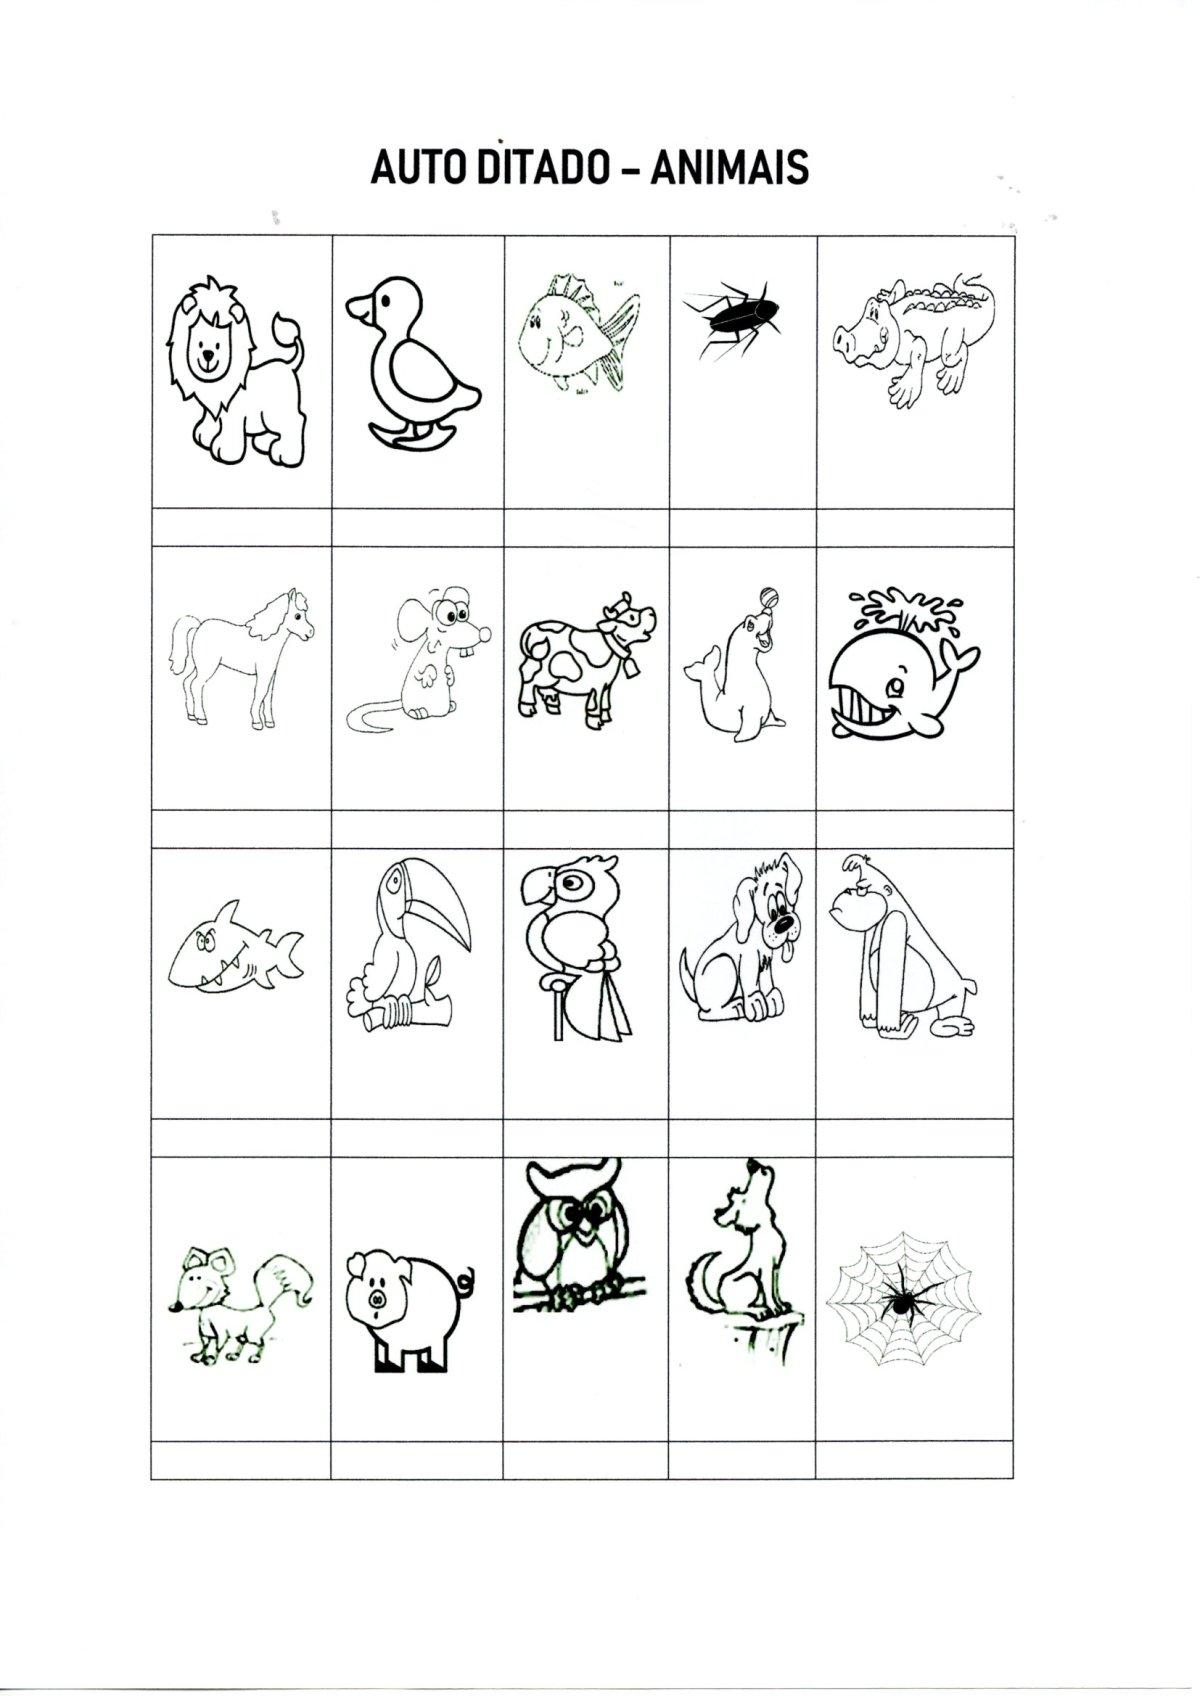 Autoditado-Escreva os nomes dos Animais